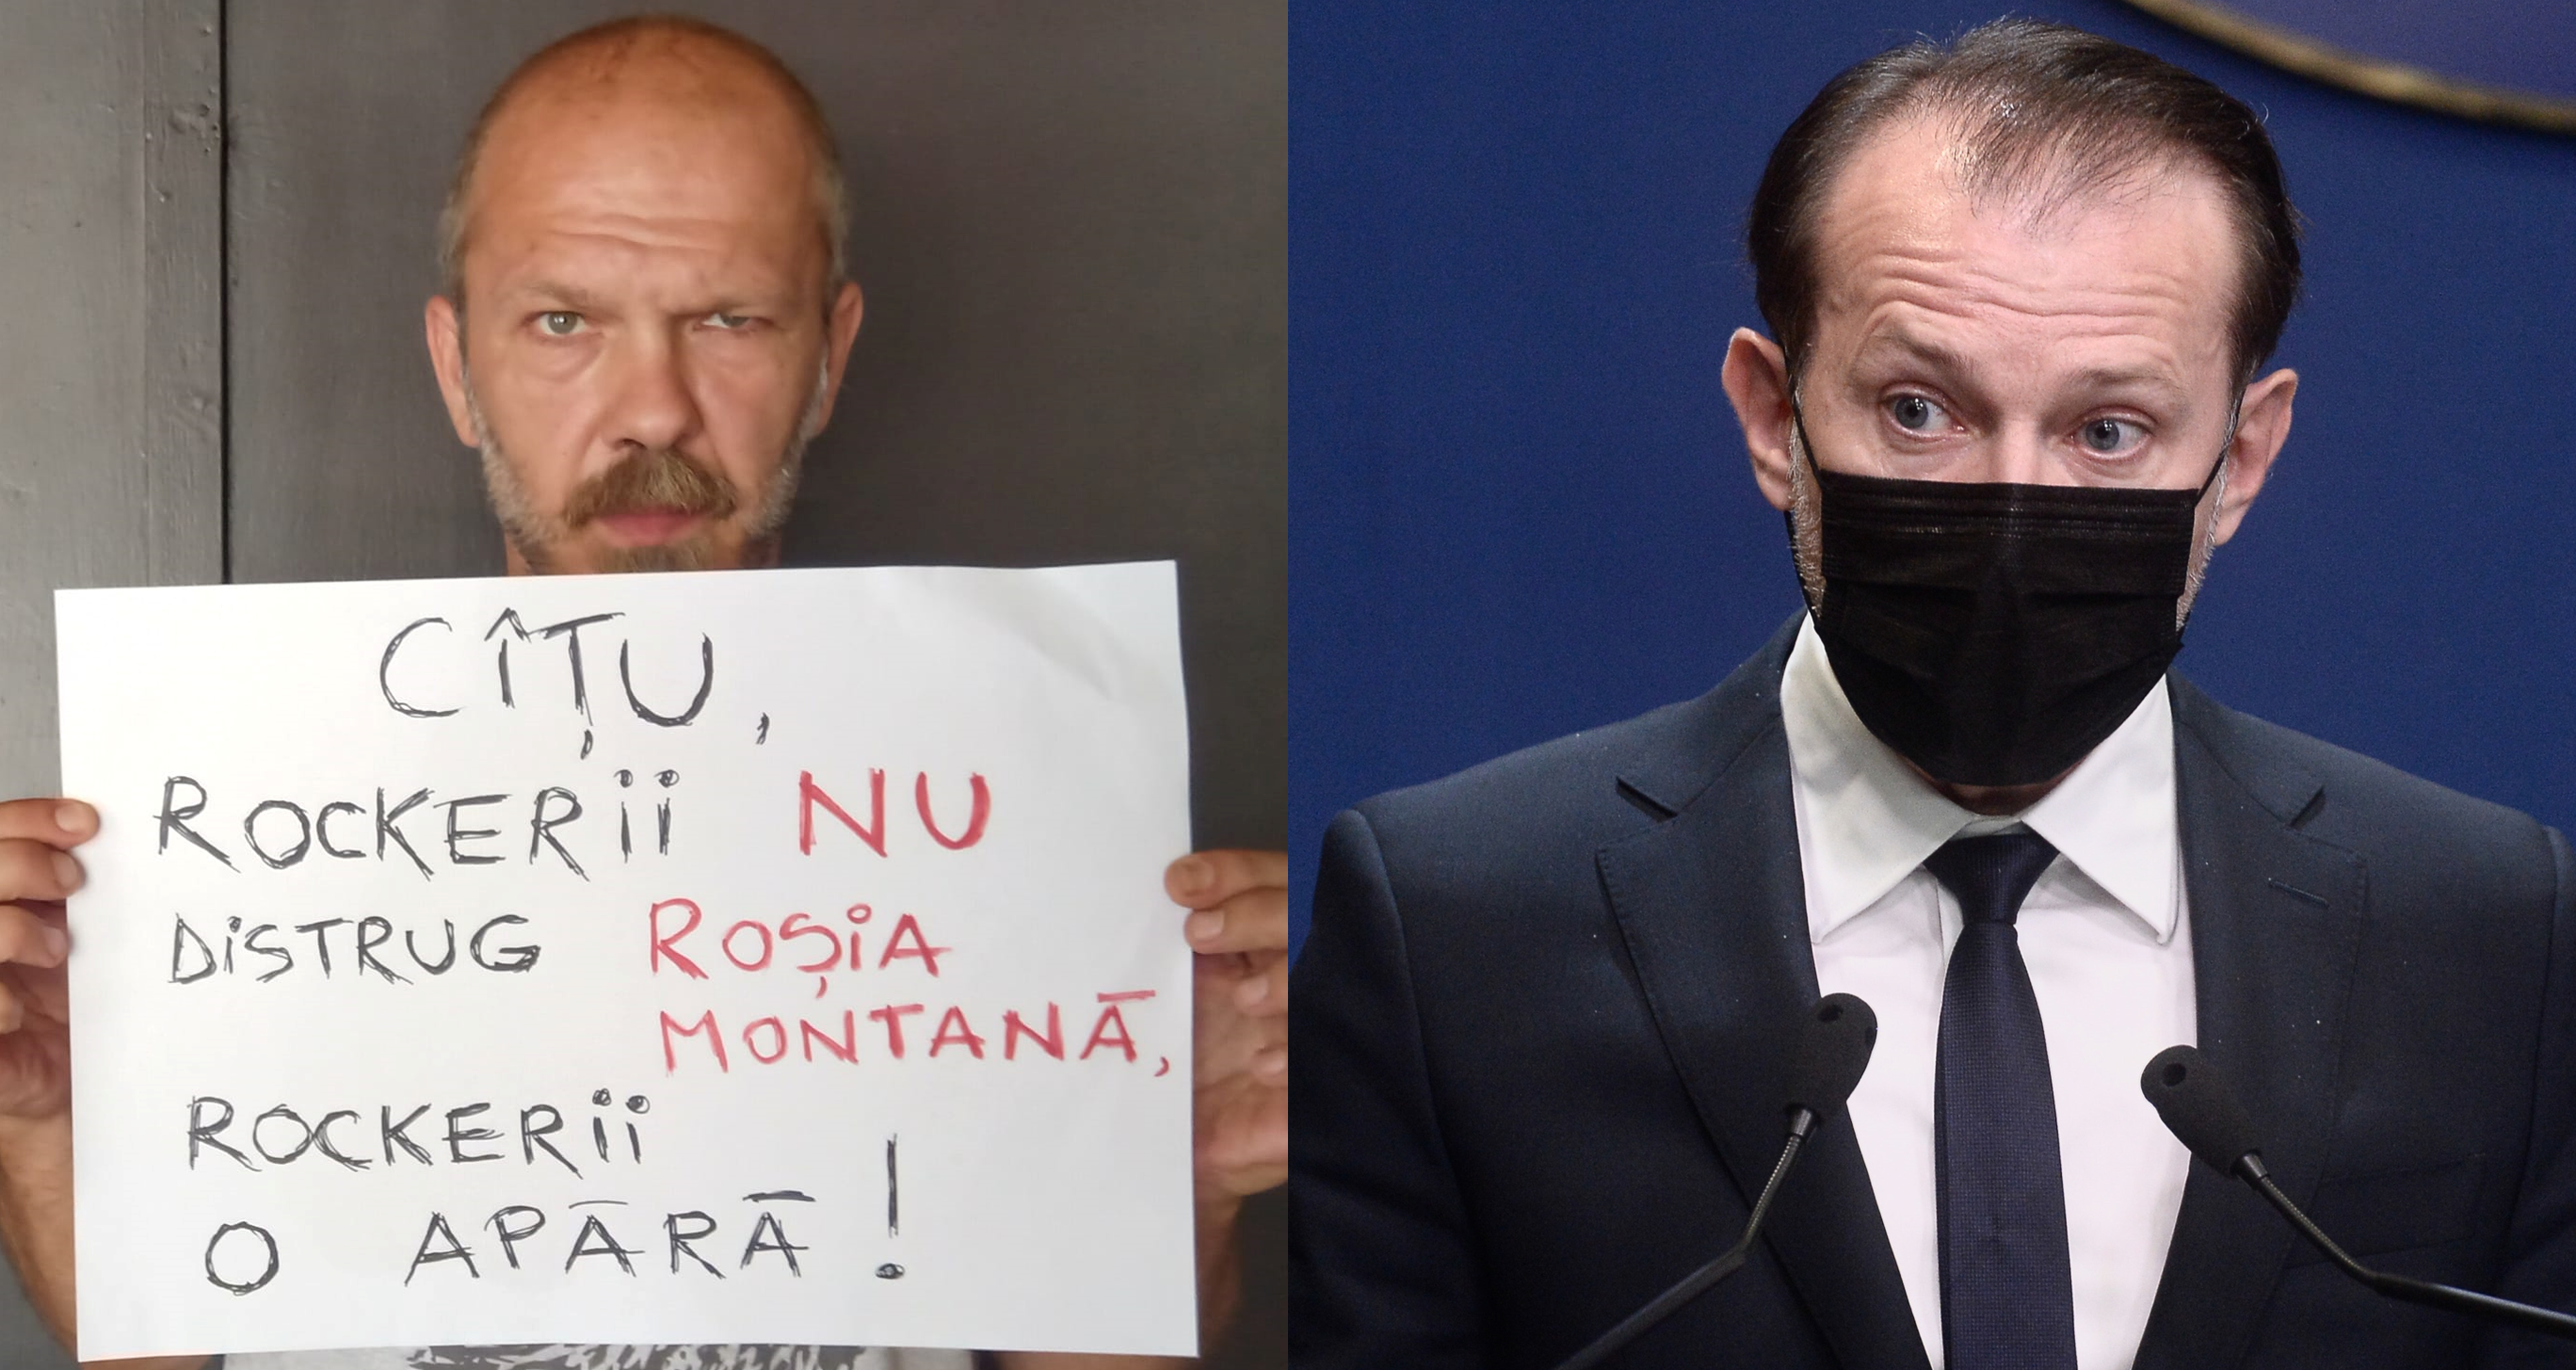 """Rockerii îl atacă pe Cîțu pe tema exploatării miniere de la Roșia Montană. """"Parvenit deghizat în băiat de gașcă. Un vinil și un tricou nu te fac rocker"""""""